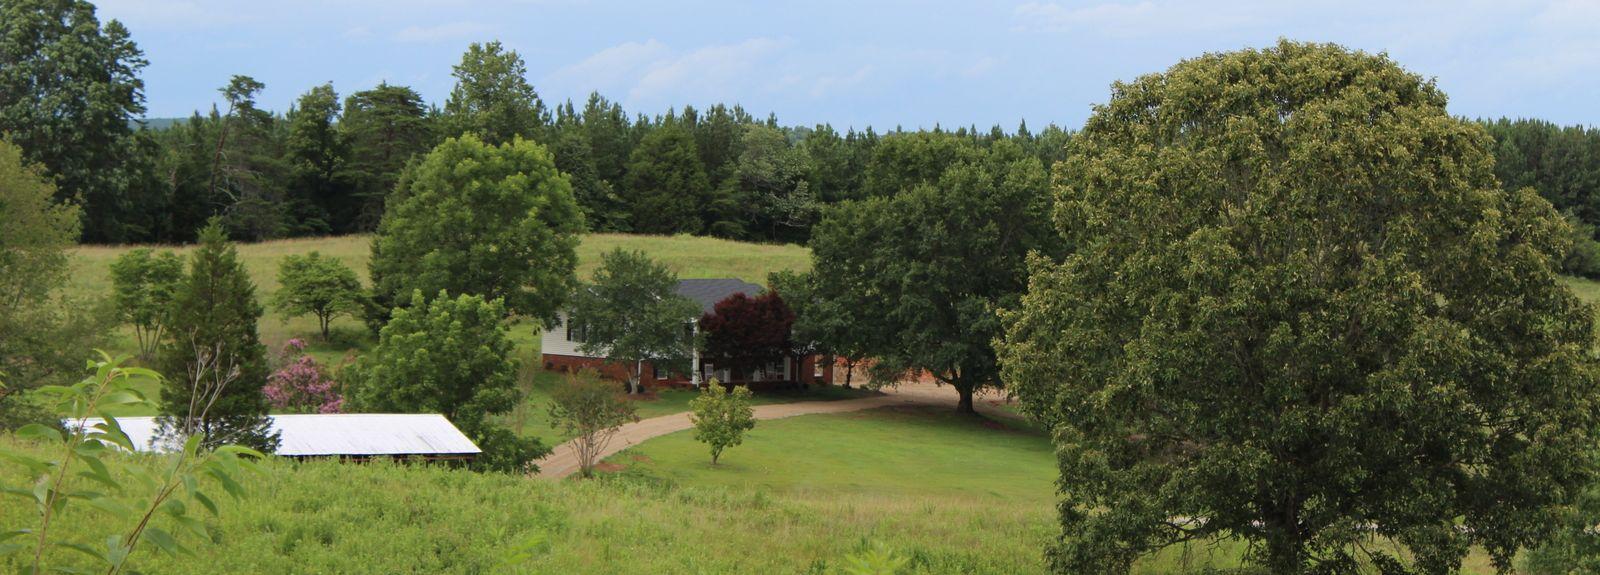 Tryon Country Club, Tryon, Caroline du Nord, États-Unis d'Amérique